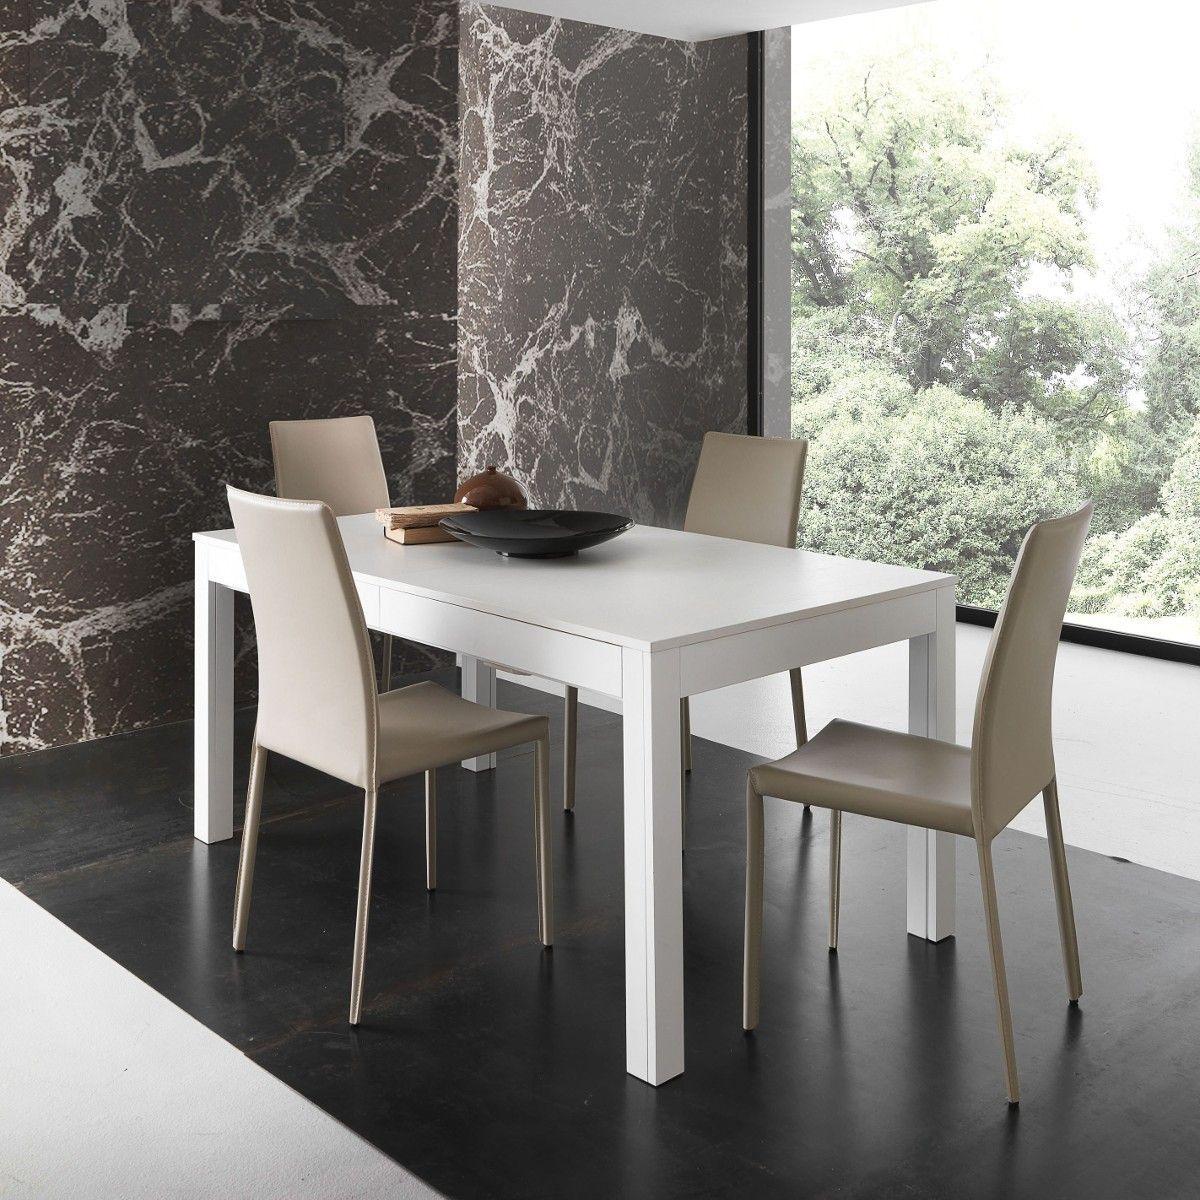 Tavolo soggiorno allungabile Sigvard in legno 160 x 90 cm